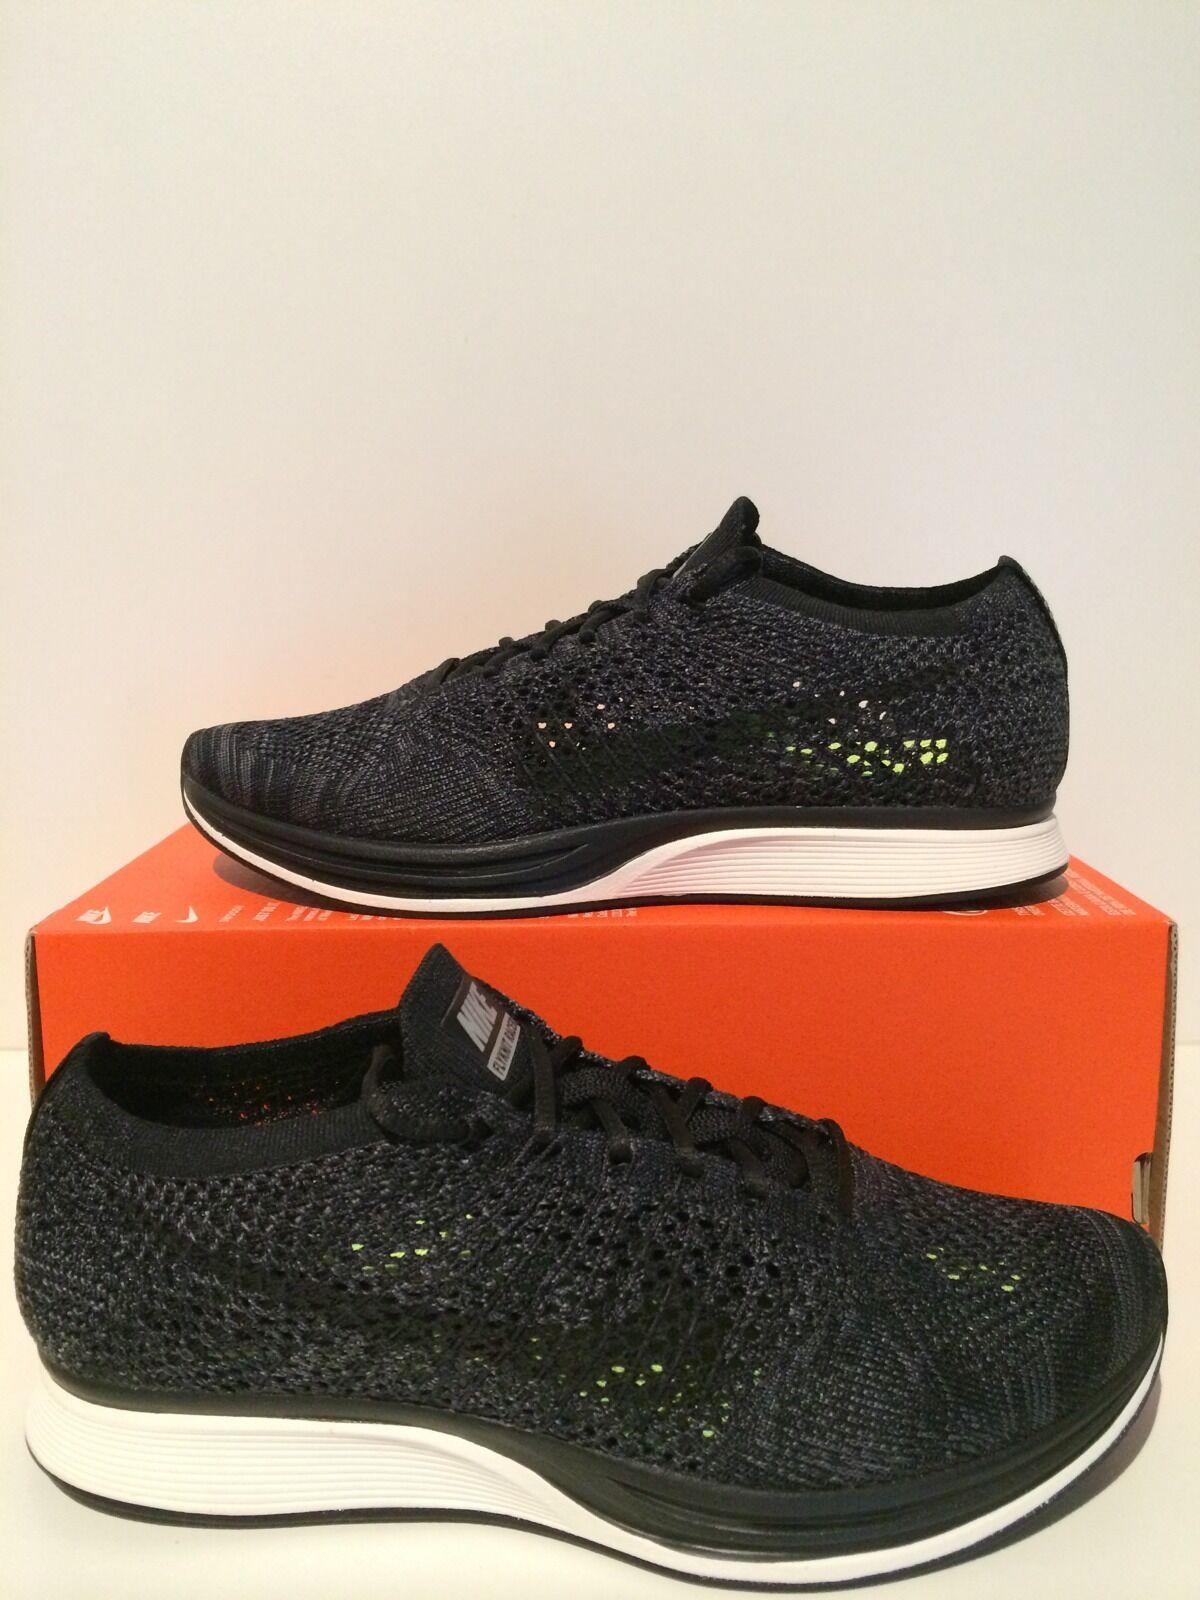 Nike Flyknit Racer Knit By Night Blackout Triple Black Grey Sz 7  526628 005 Seasonal clearance sale